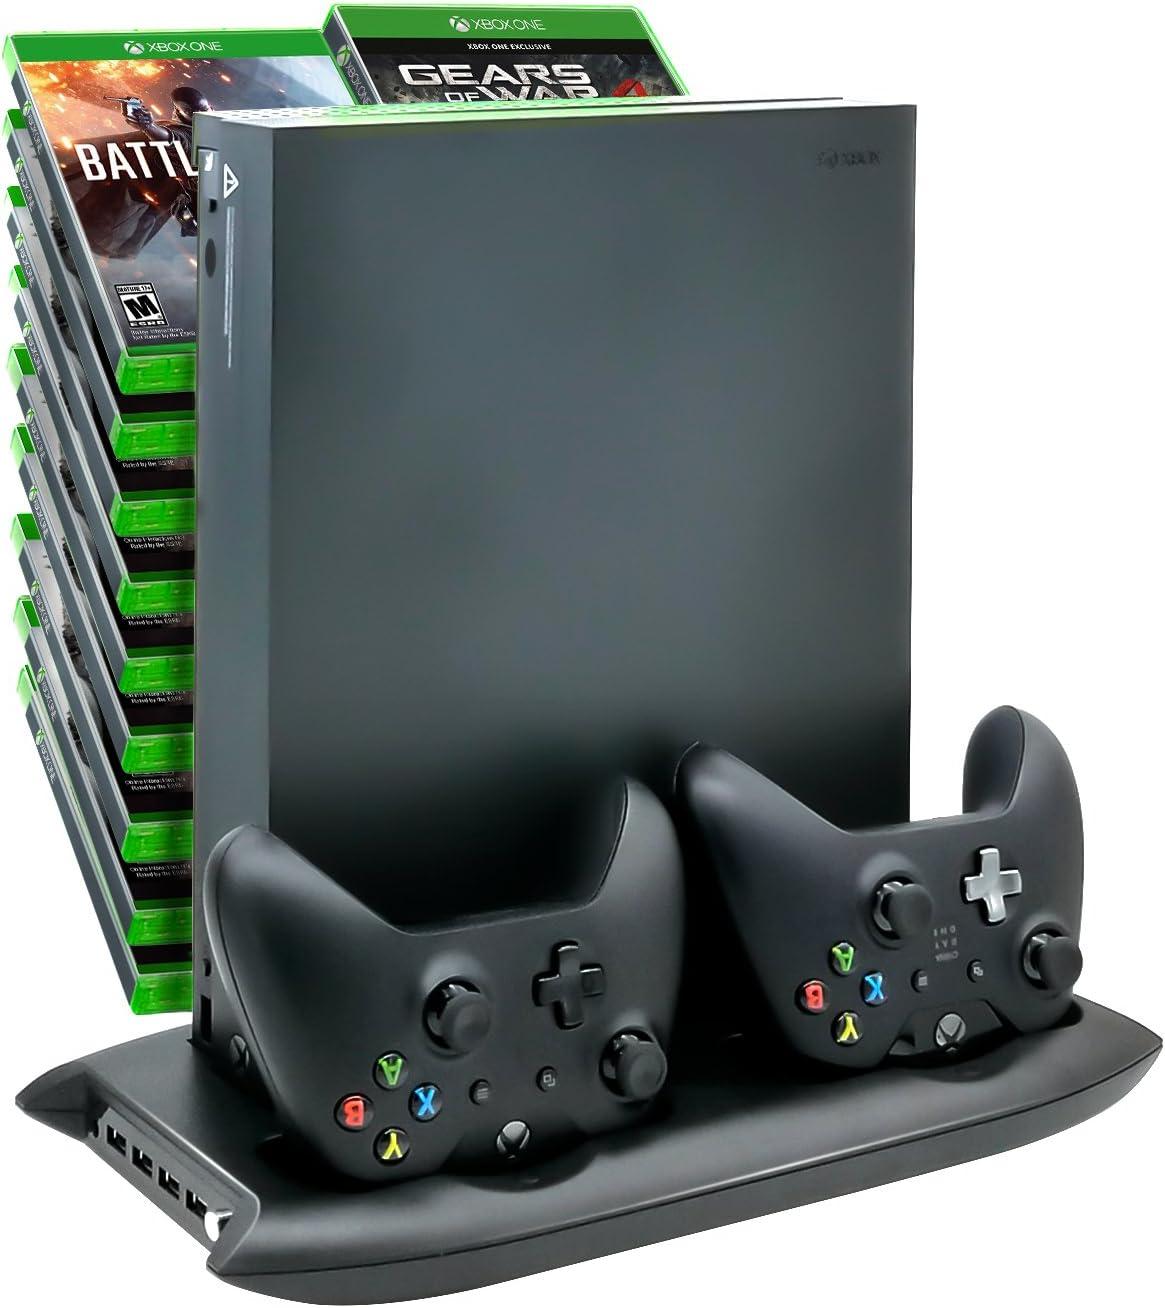 Base de carga para consola Xbox One X y controladores con ventiladores de refrigeración y soporte de juego: Amazon.es: Electrónica